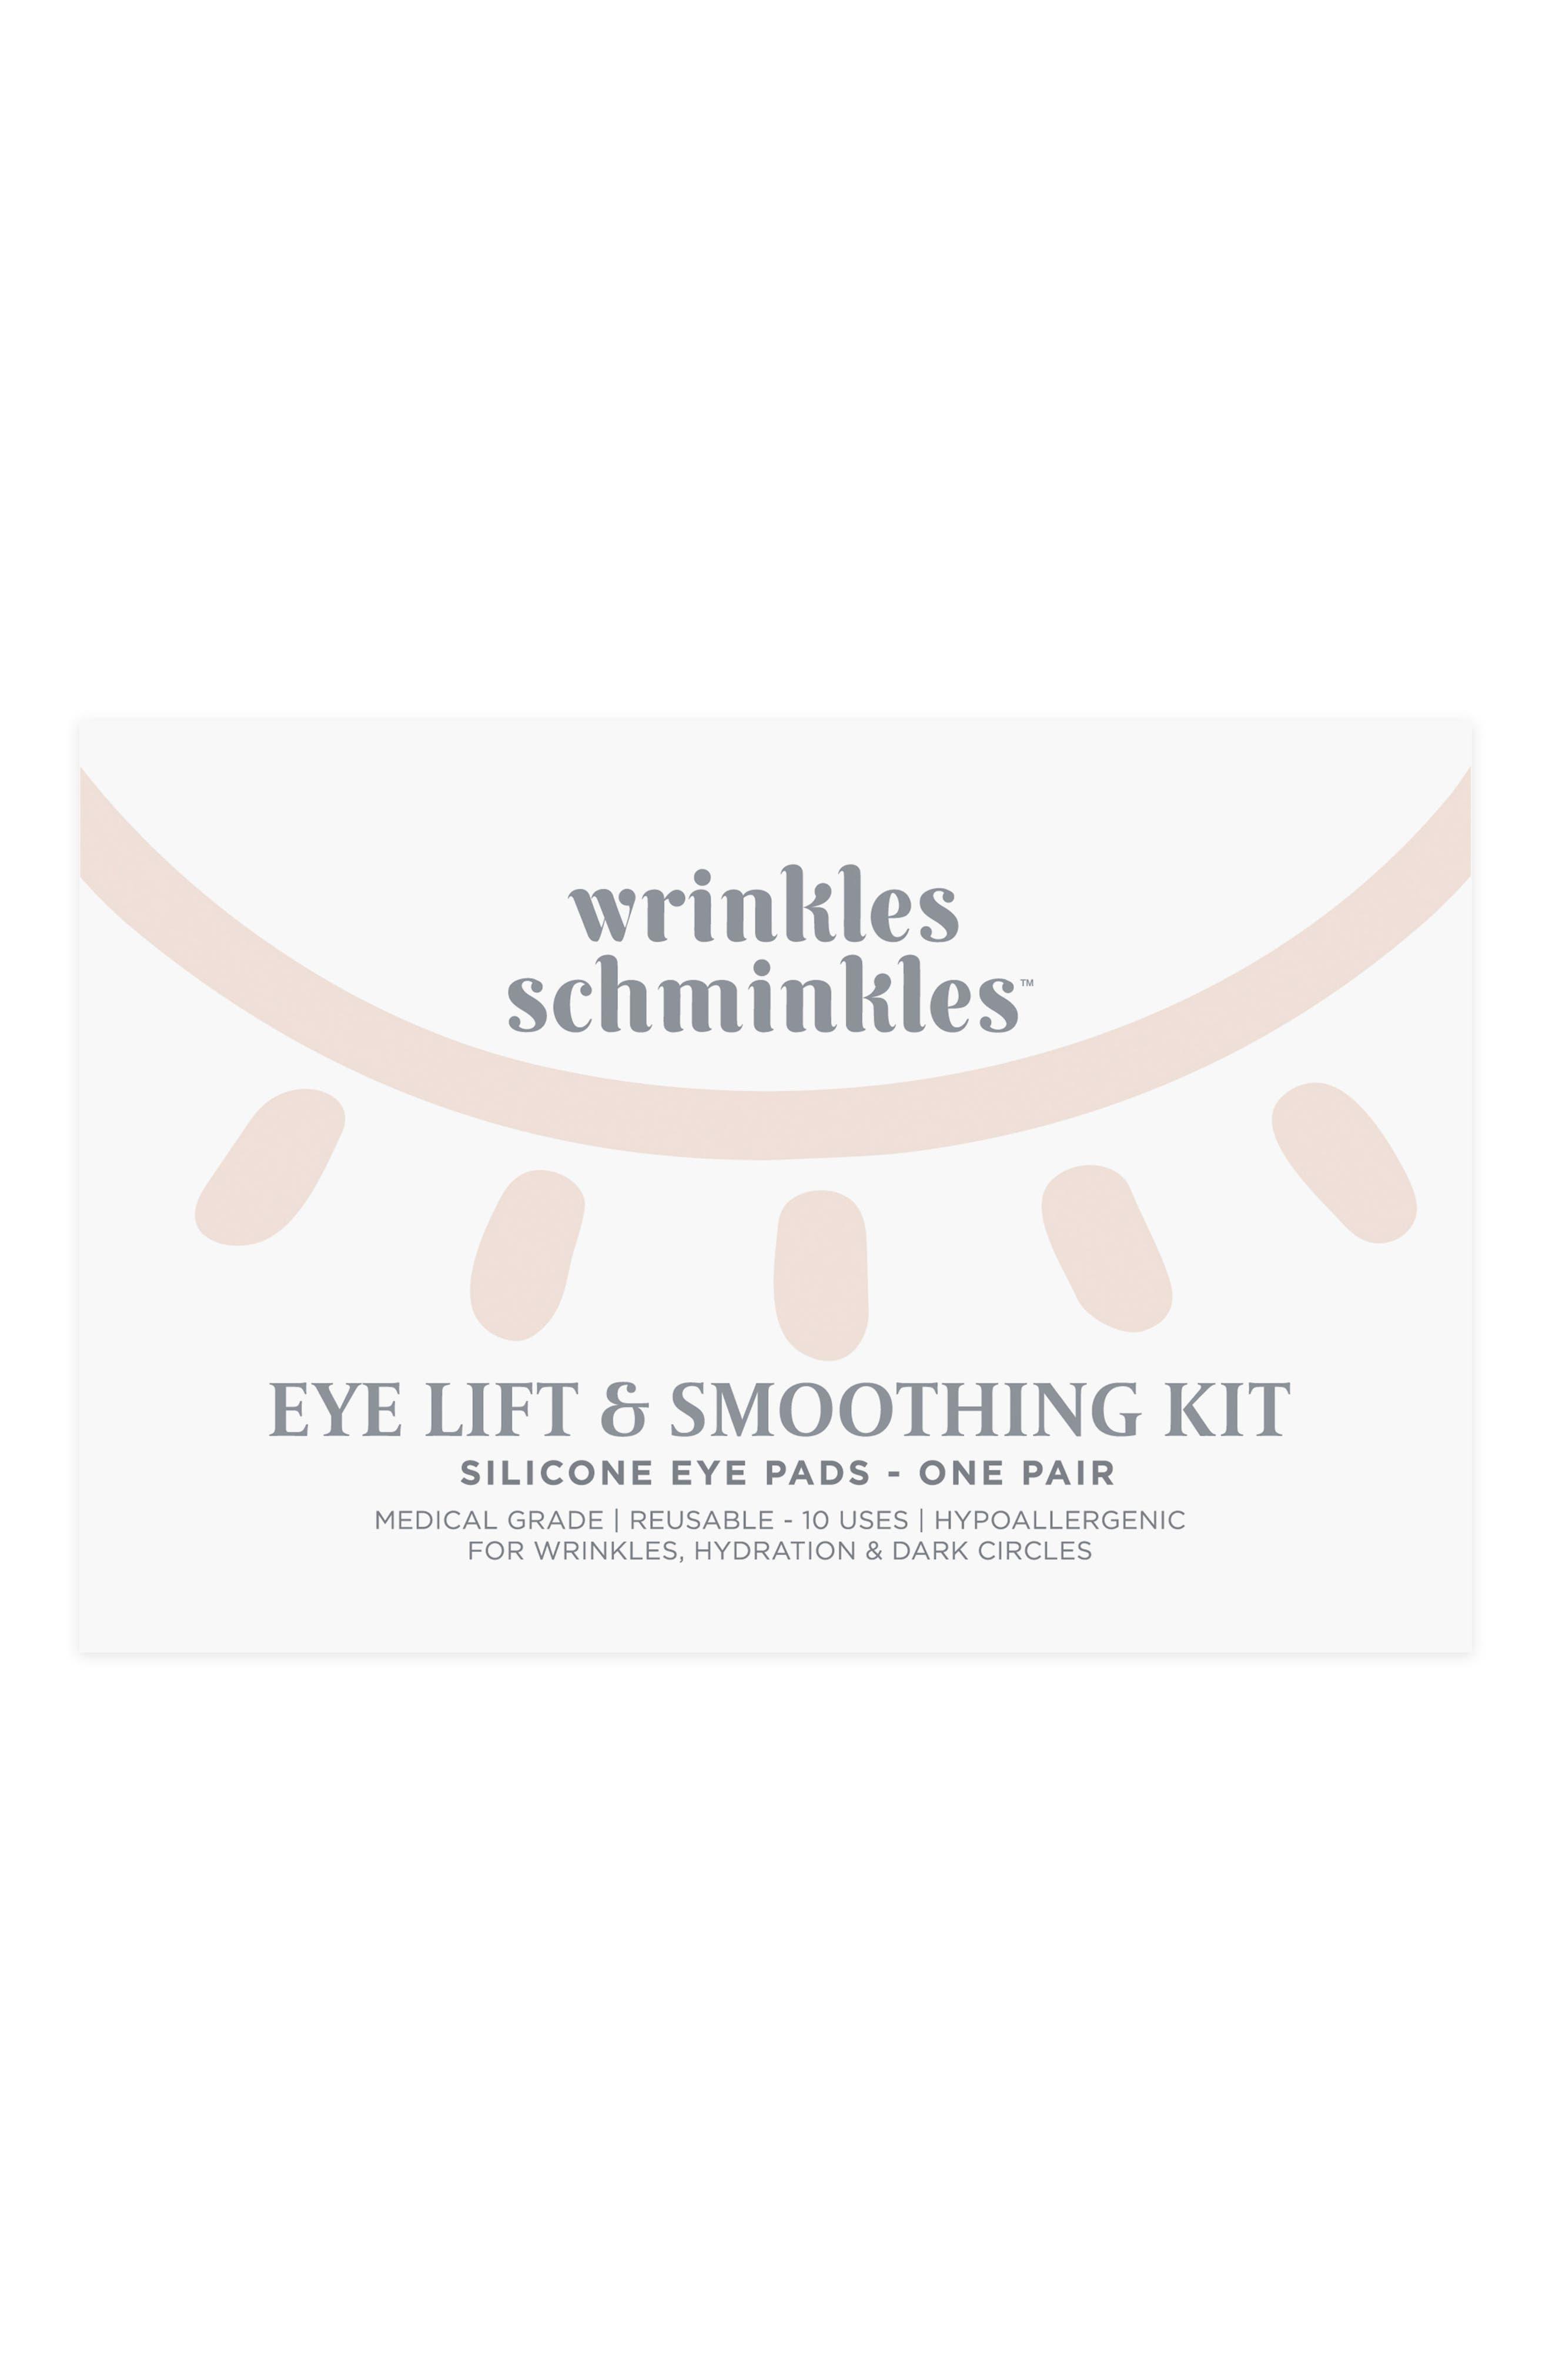 Wrinkles Schminkles Eye Lift & Smoothing Eye Pads